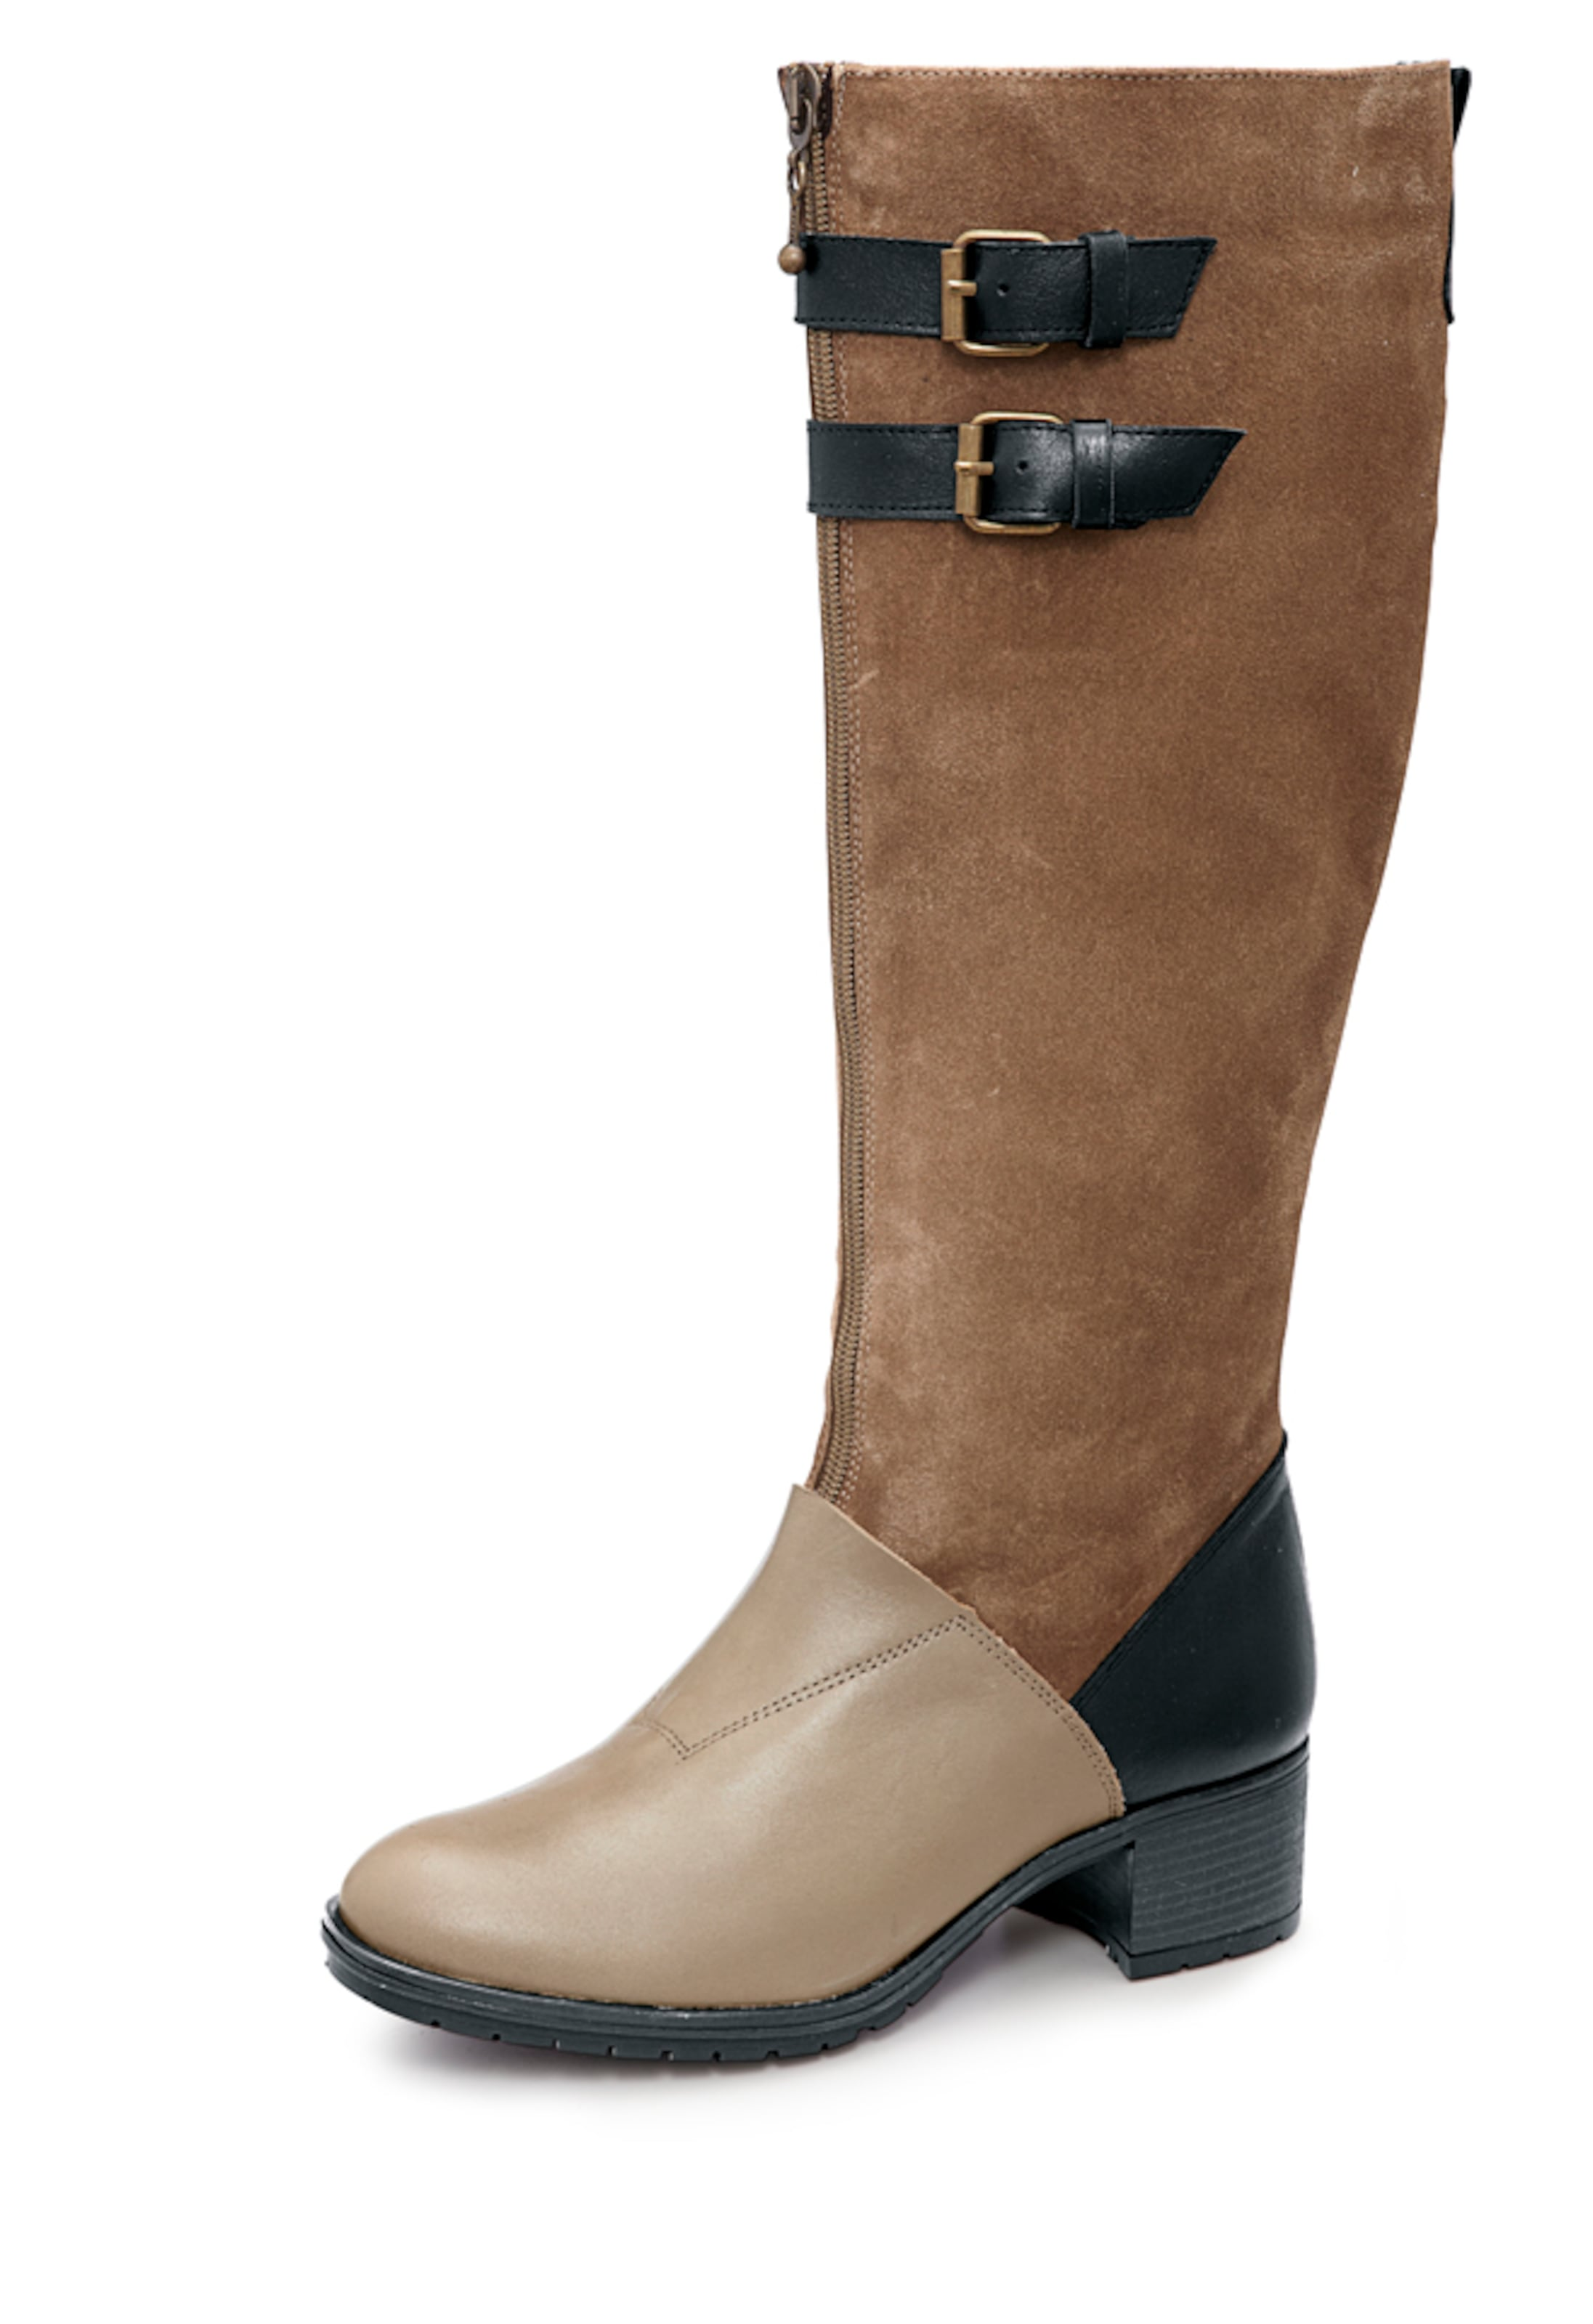 heine Stiefel Verschleißfeste billige Schuhe Hohe Qualität Qualität Hohe e62761